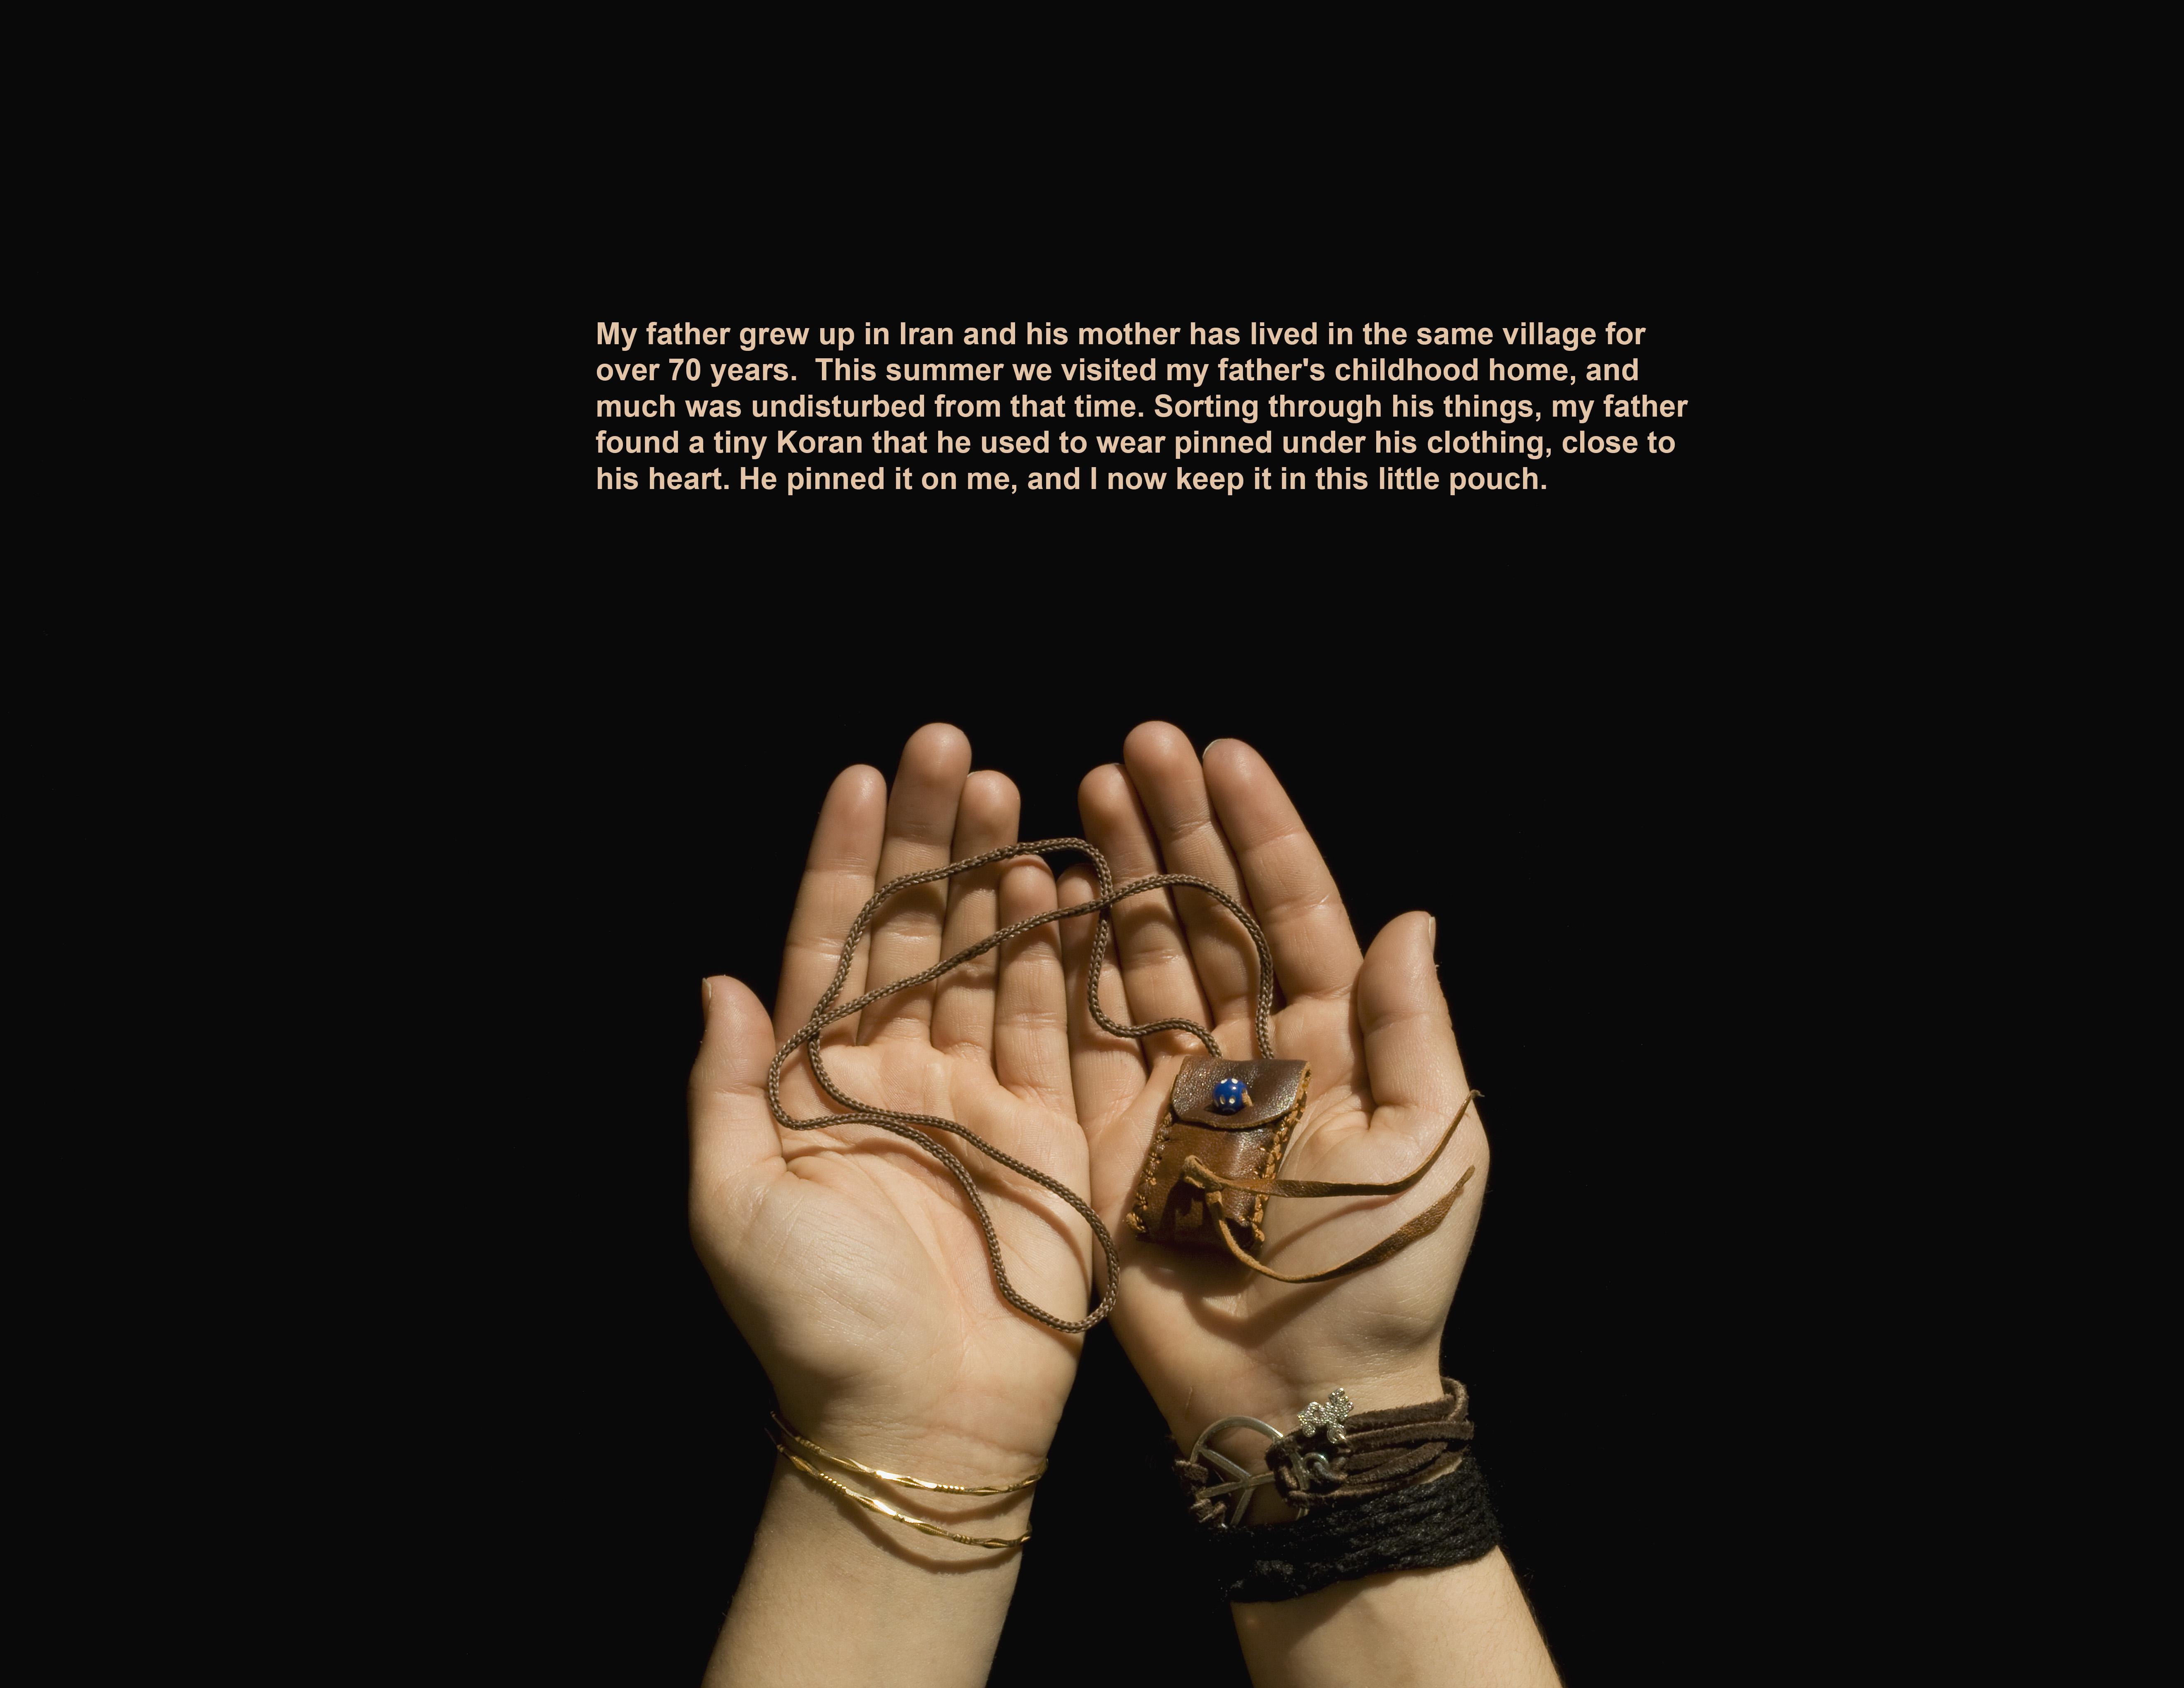 46_Amanda K hands_9255_PG